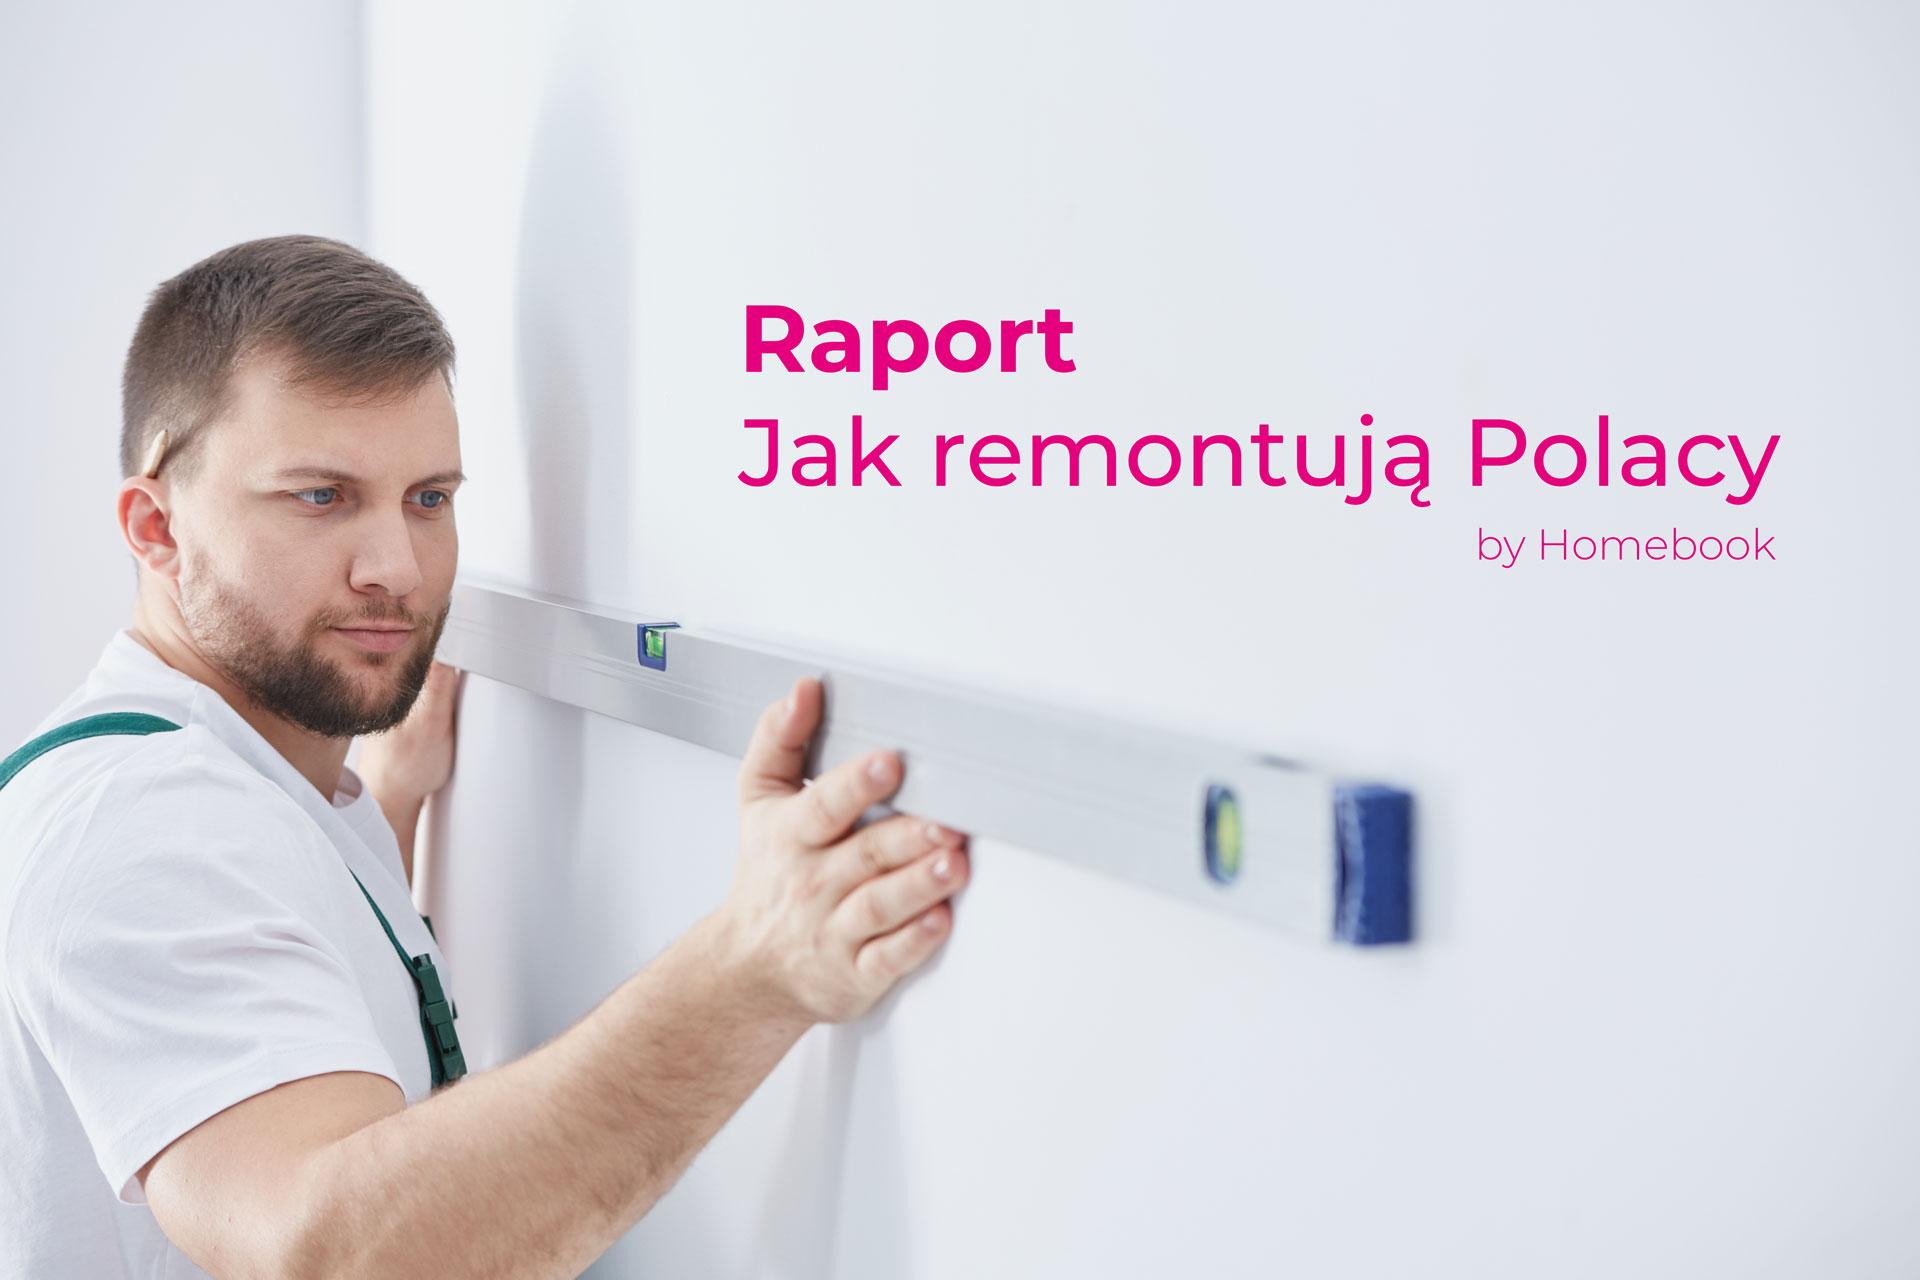 Raport: Jak wyglądają remonty w polskich domach - Polskie Wnętrza